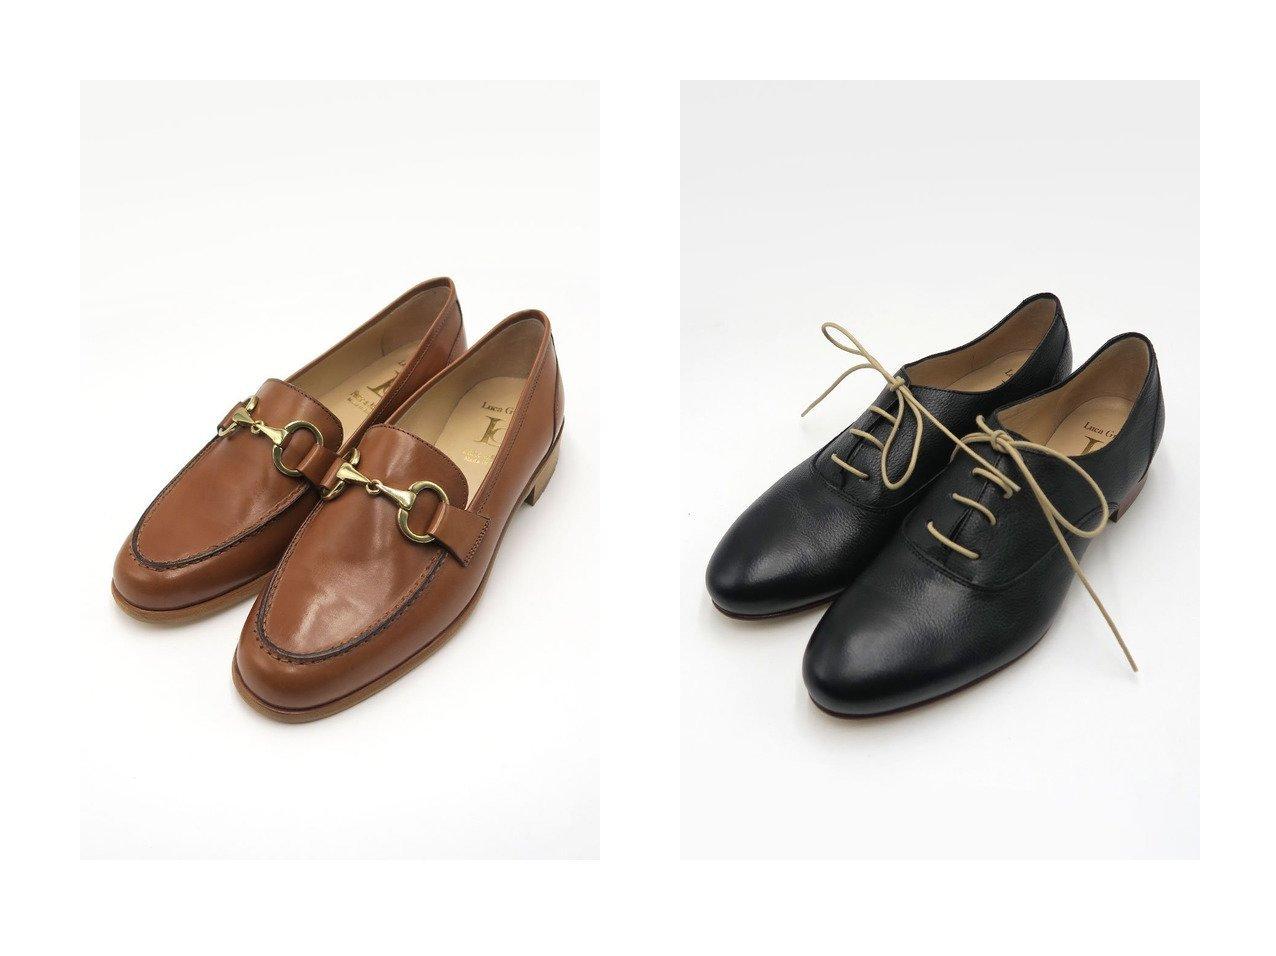 【LucaGrossi/ルカグロッシ】のレースアップシューズ&ビットローファー シューズ・靴のおすすめ!人気、トレンド・レディースファッションの通販  おすすめで人気の流行・トレンド、ファッションの通販商品 メンズファッション・キッズファッション・インテリア・家具・レディースファッション・服の通販 founy(ファニー) https://founy.com/ ファッション Fashion レディースファッション WOMEN 2020年 2020 2020-2021 秋冬 A/W AW Autumn/Winter / FW Fall-Winter 2020-2021 2021年 2021 2021 春夏 S/S SS Spring/Summer 2021 イタリア シューズ スタイリッシュ フラット 春 Spring A/W 秋冬 AW Autumn/Winter / FW Fall-Winter |ID:crp329100000010814